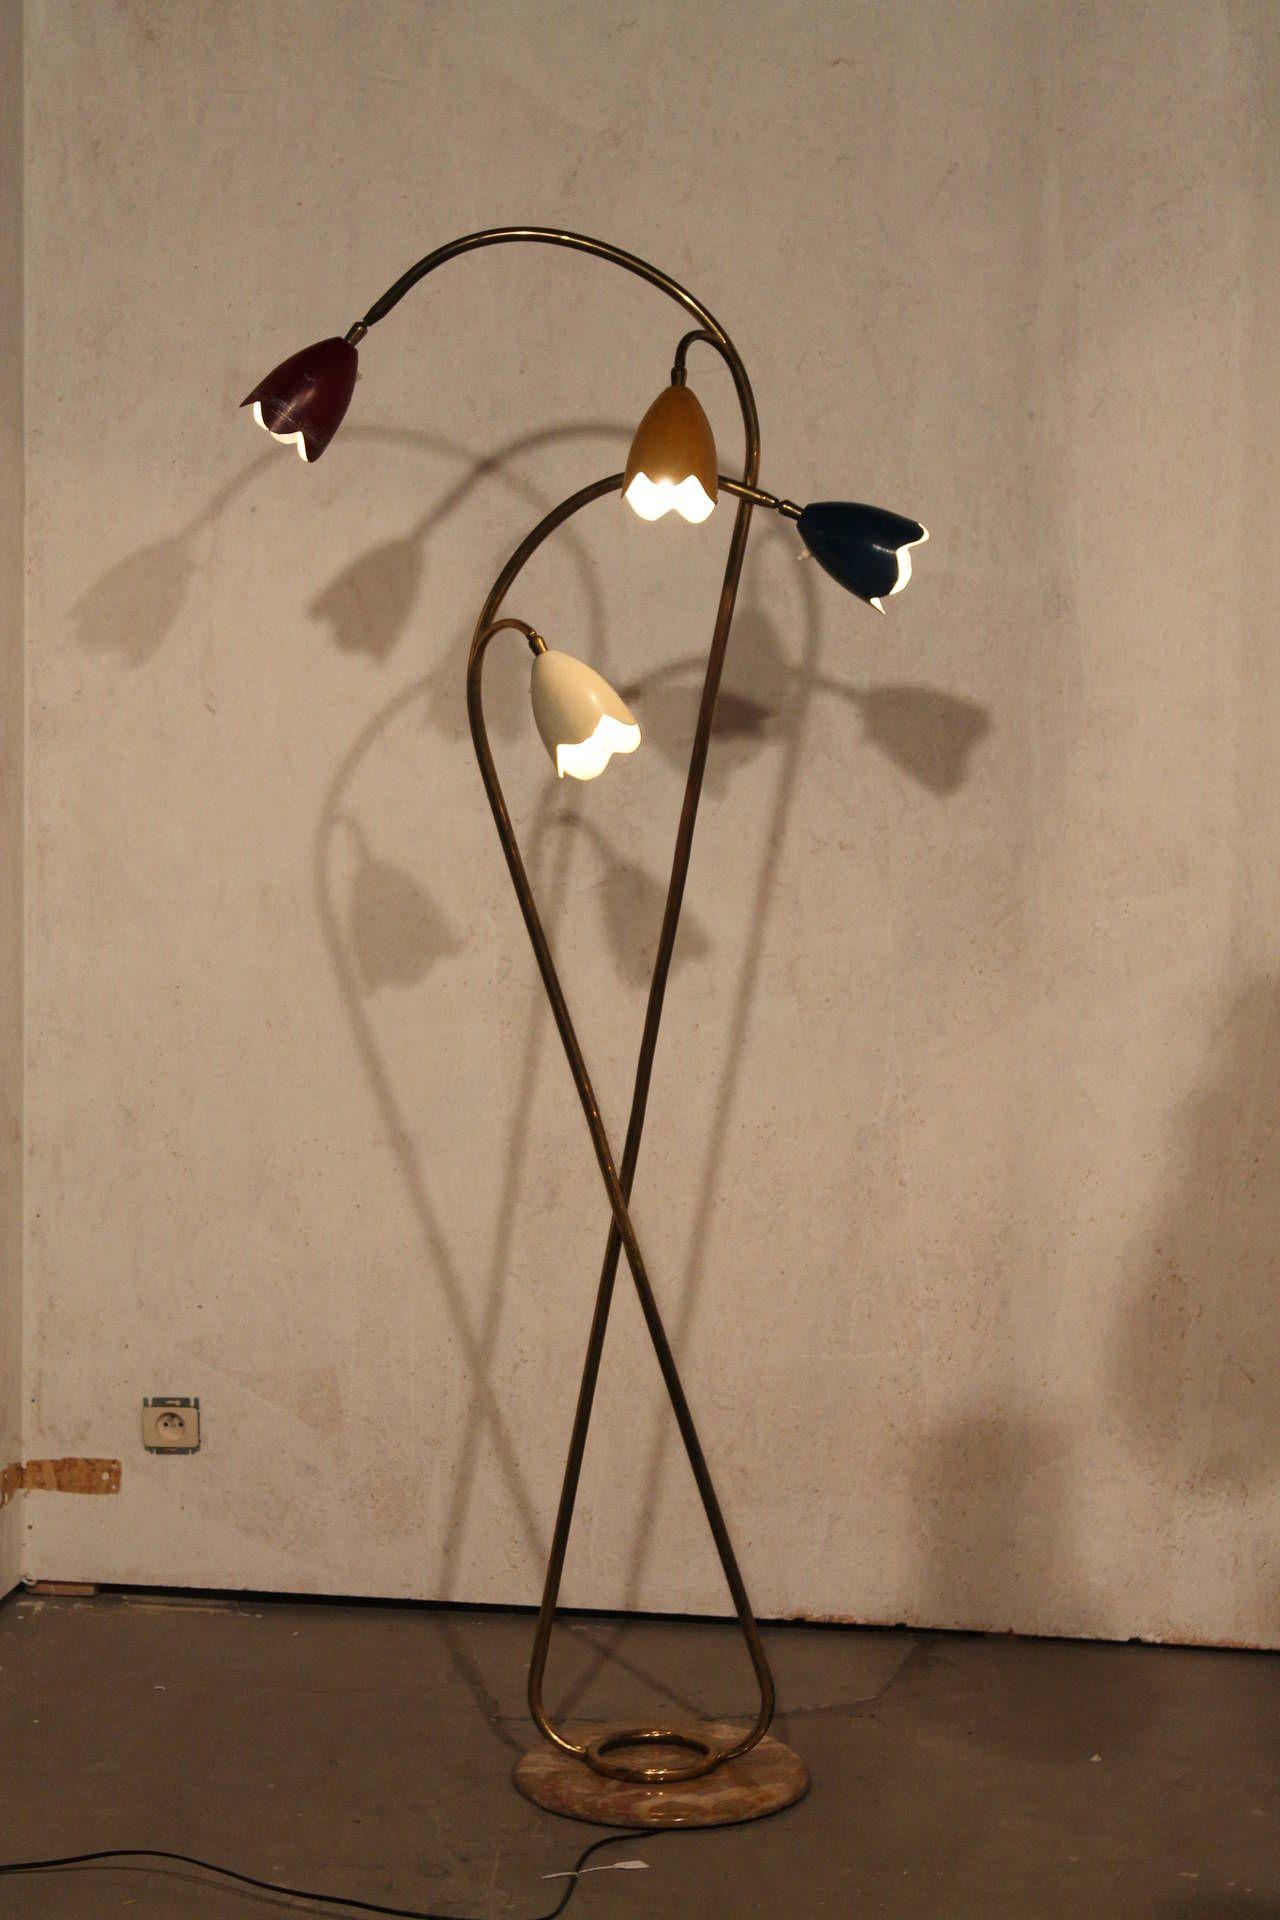 Vintage Italian Flower Floor Lamp By Stilnovo 1950s 1stdibs Com